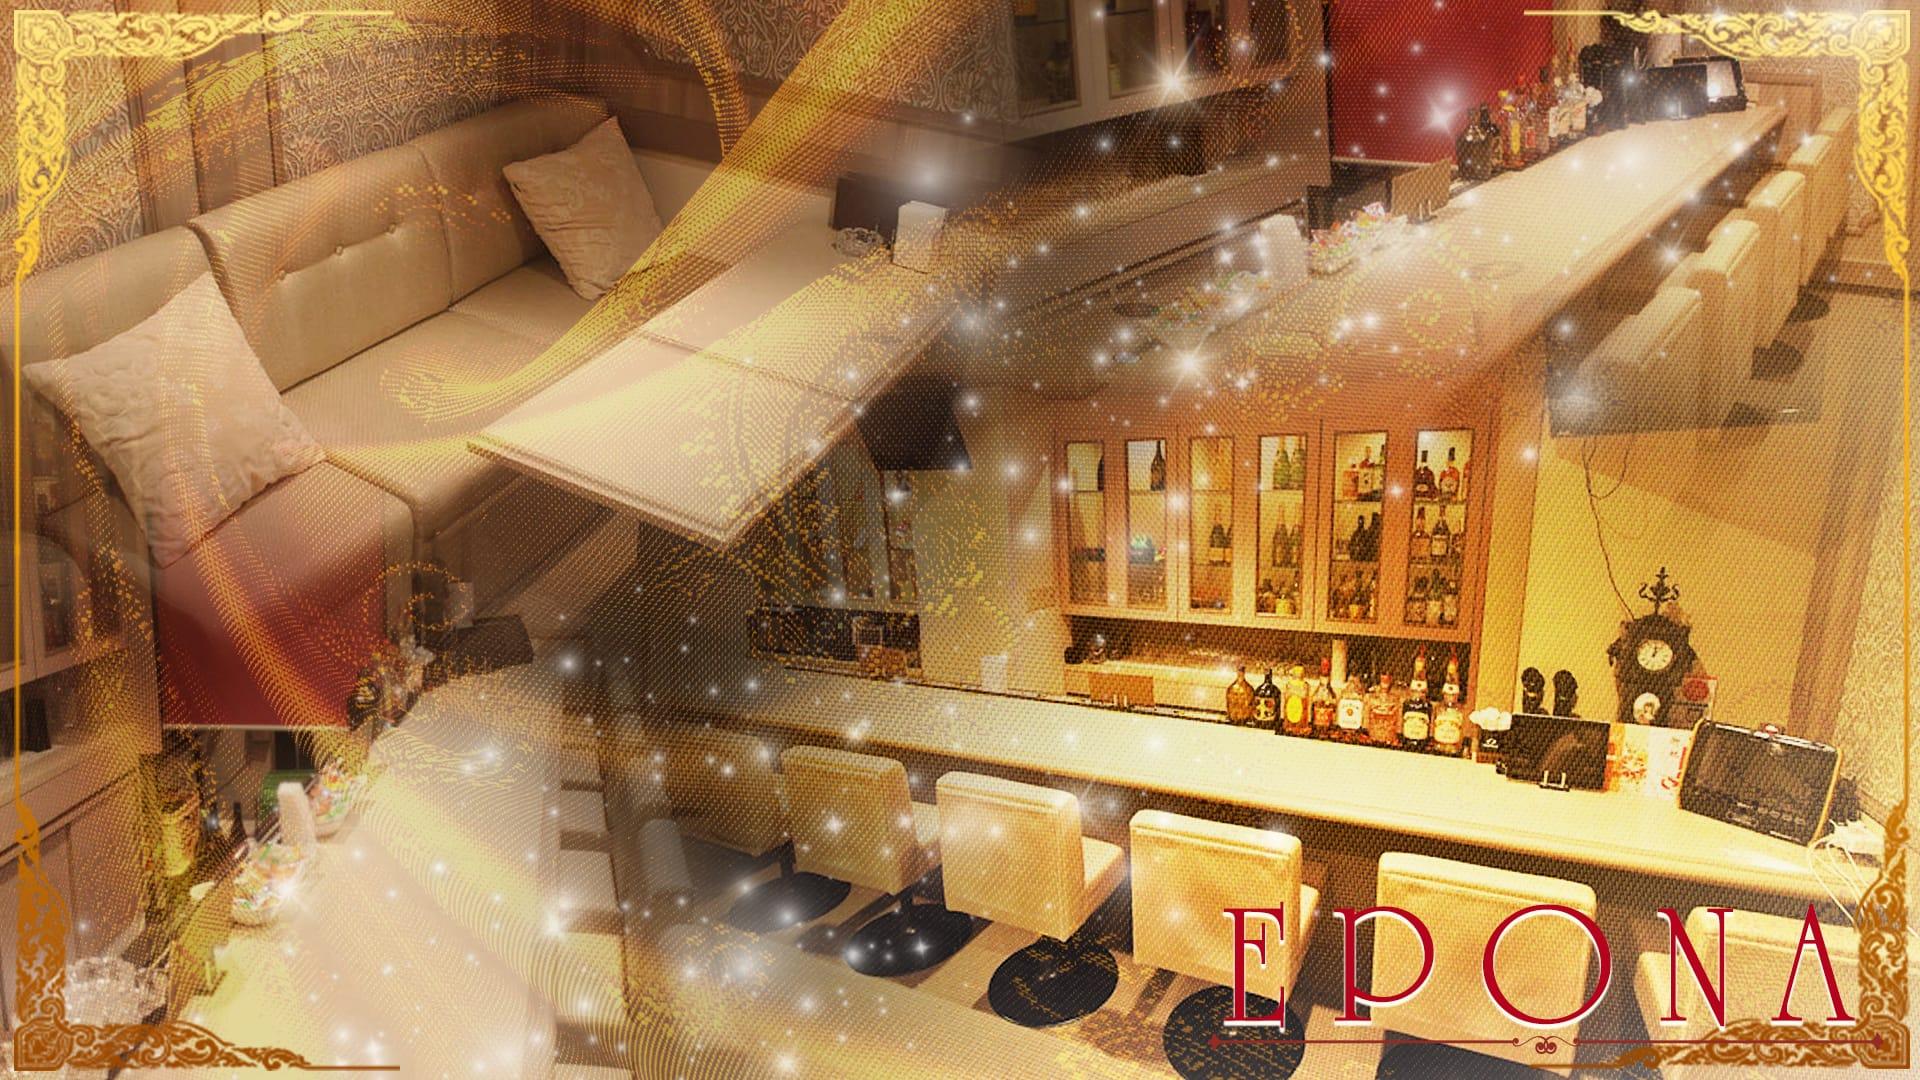 【二部制】EPONA(エポナ) 北新地ガールズバー TOP画像